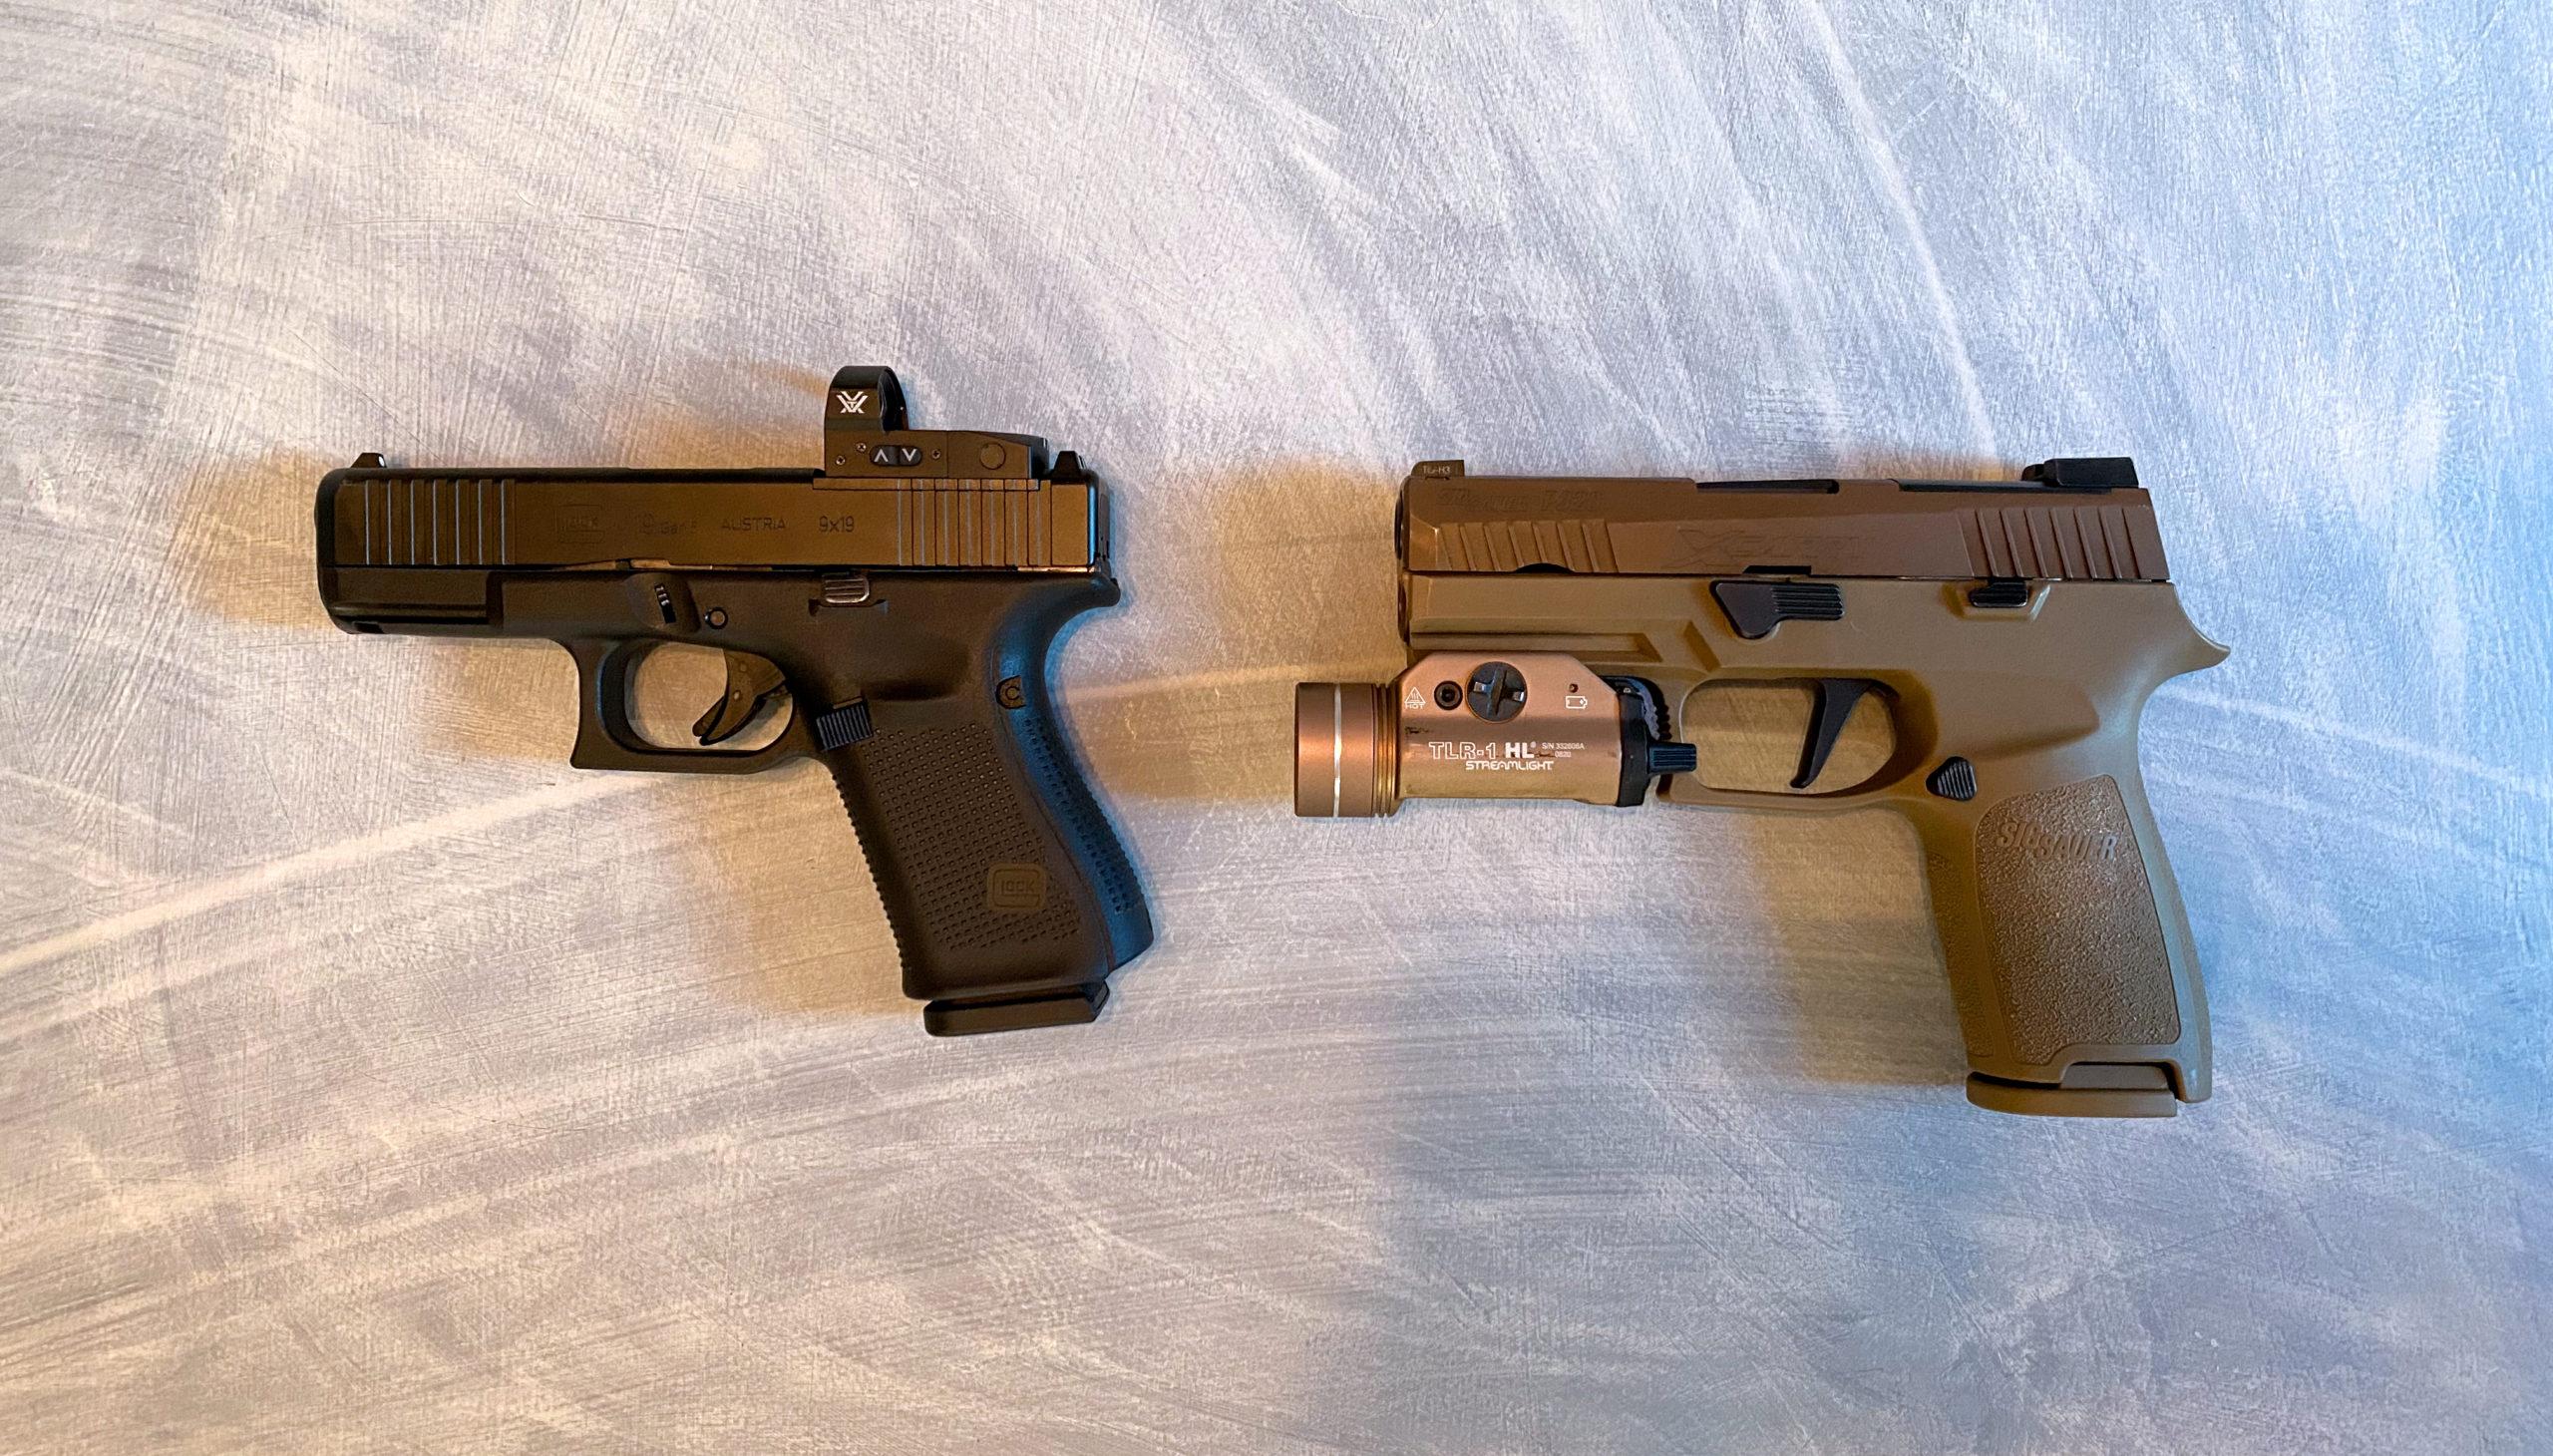 Glock 19 Gen 5 Sig P320 X-carry